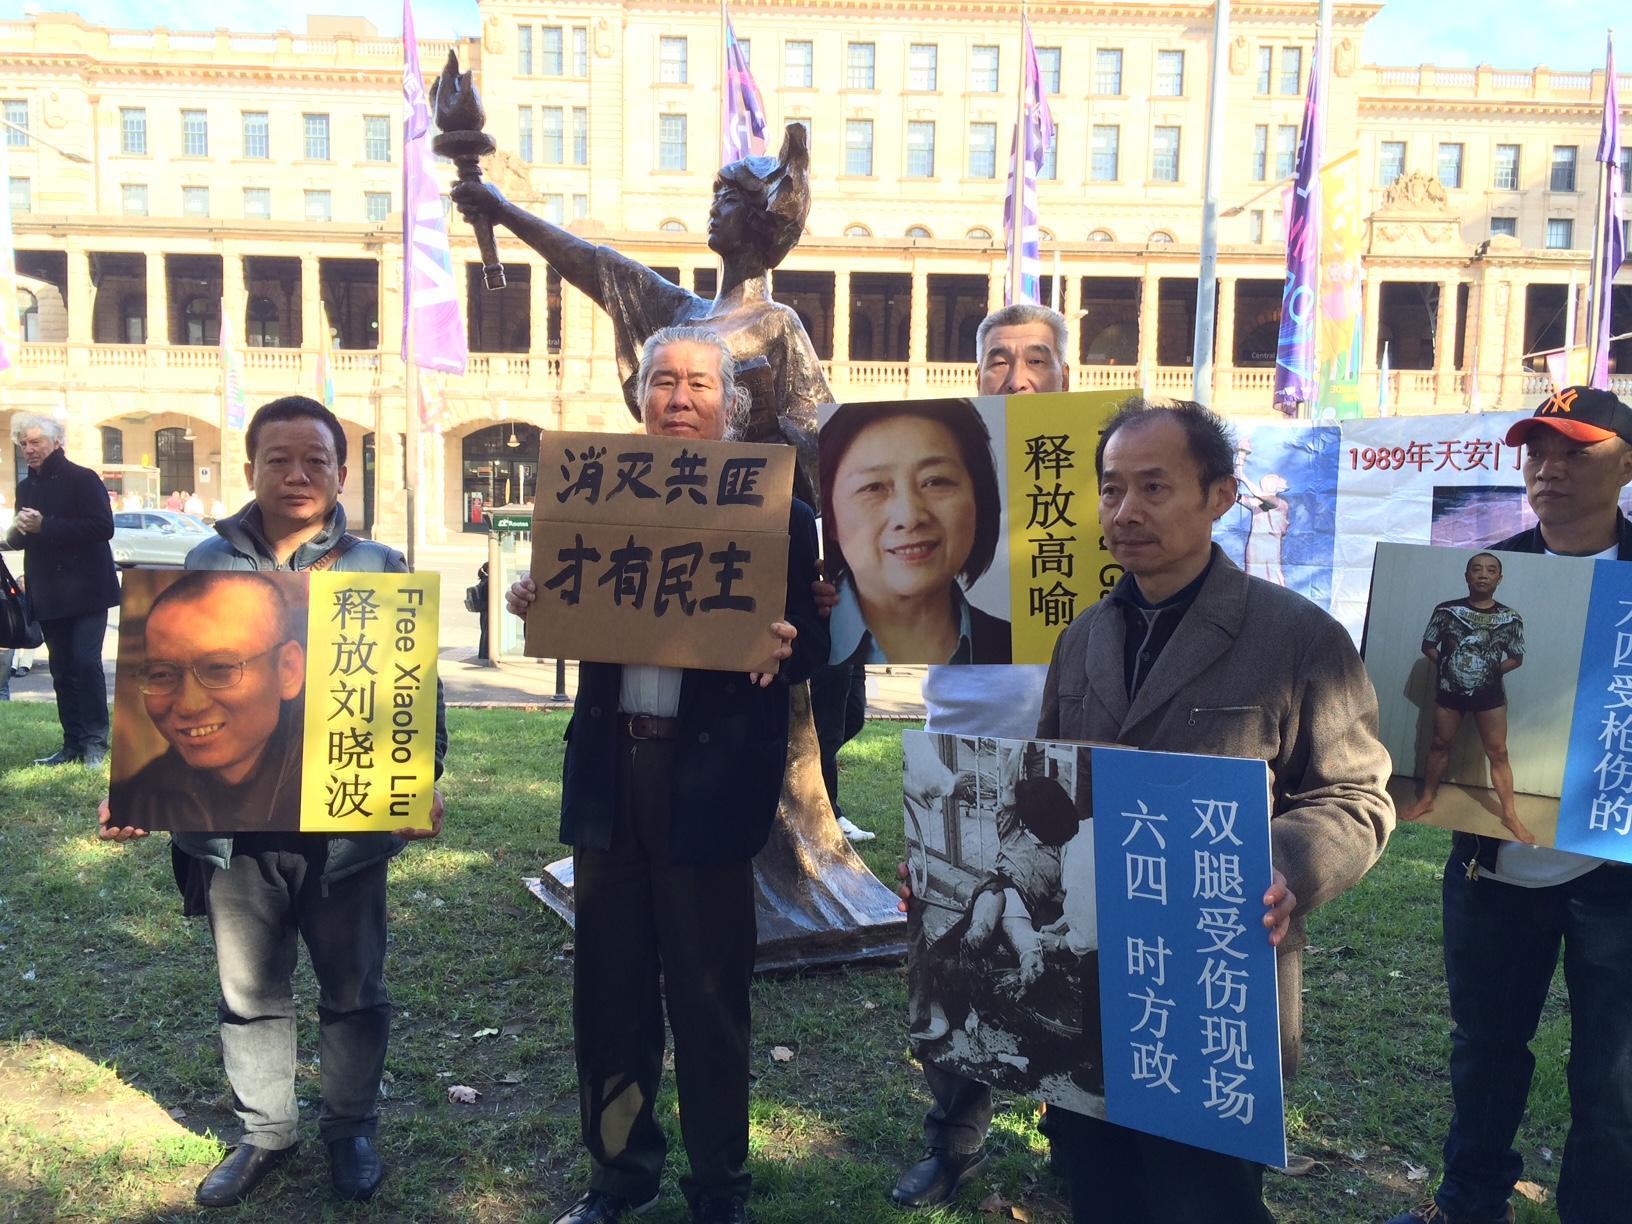 20150604_Chinese-Democracy-Statue_02.JPG